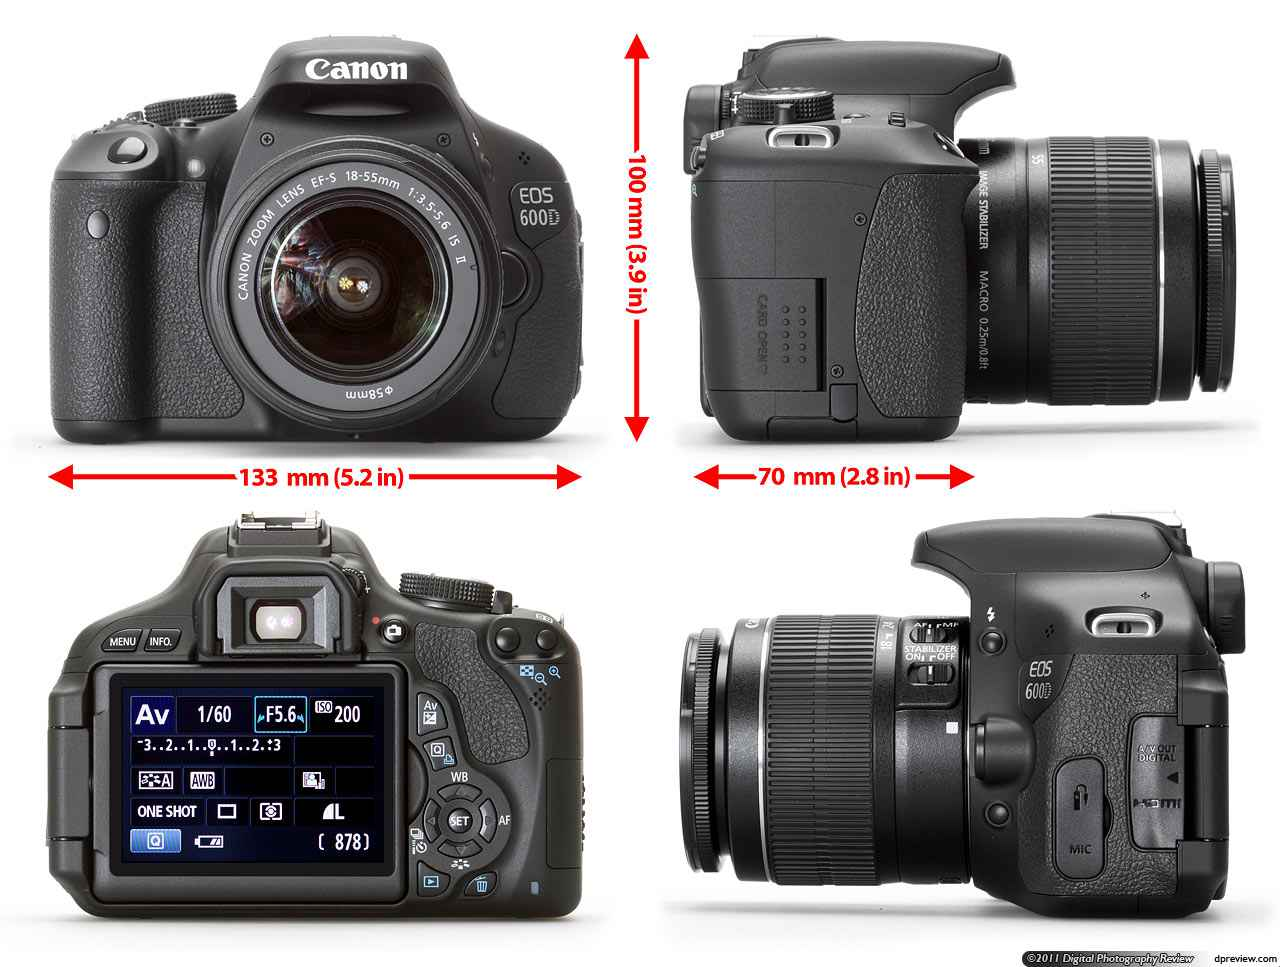 harga canon 600D, Desain Canon EOS 600D - Harga Kamera Canon 600D 2